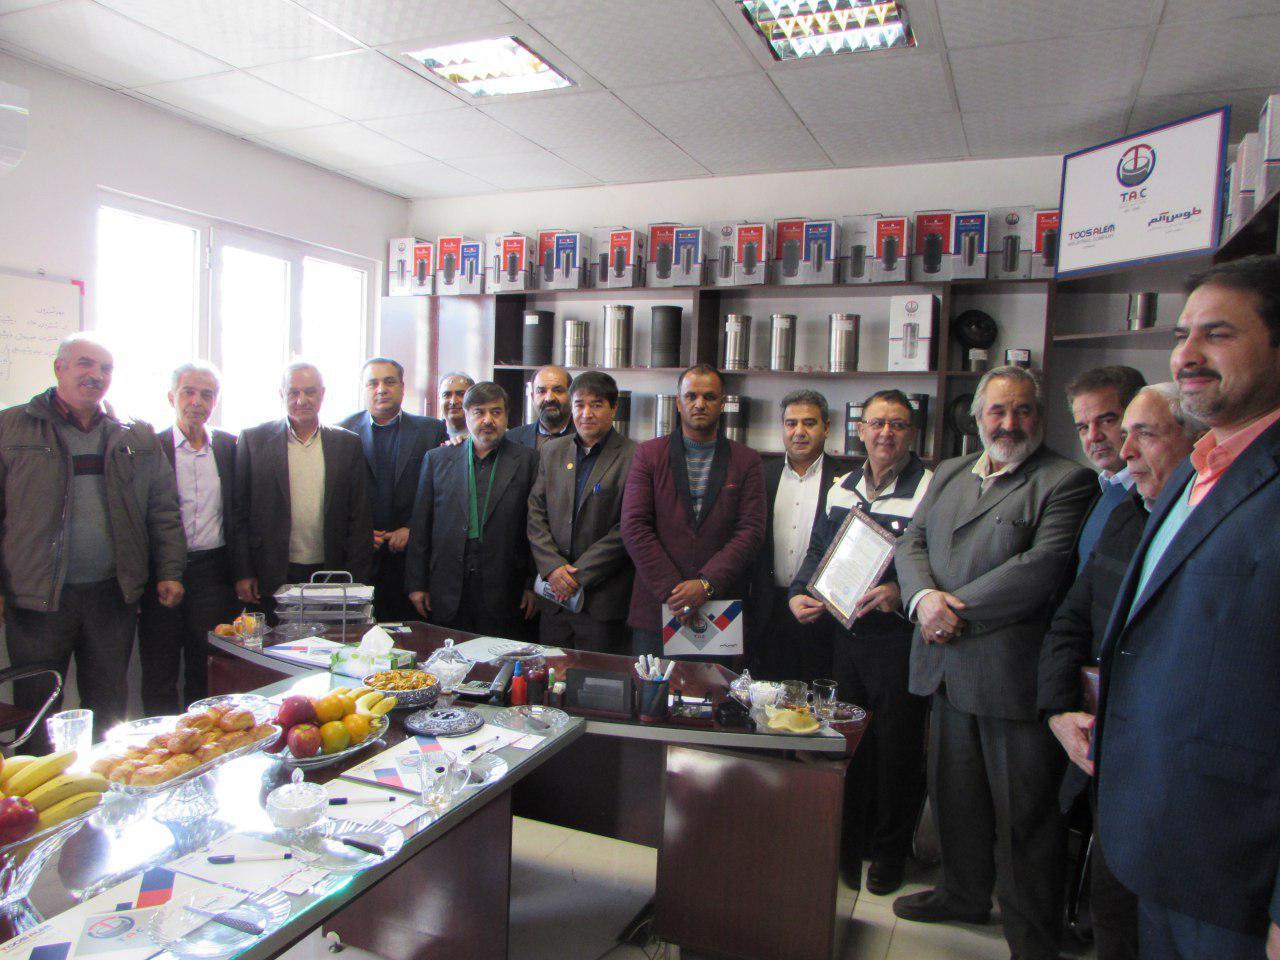 بازدید هیات تجاری افغانستان در معیت هیئت مدیره اتحادیه